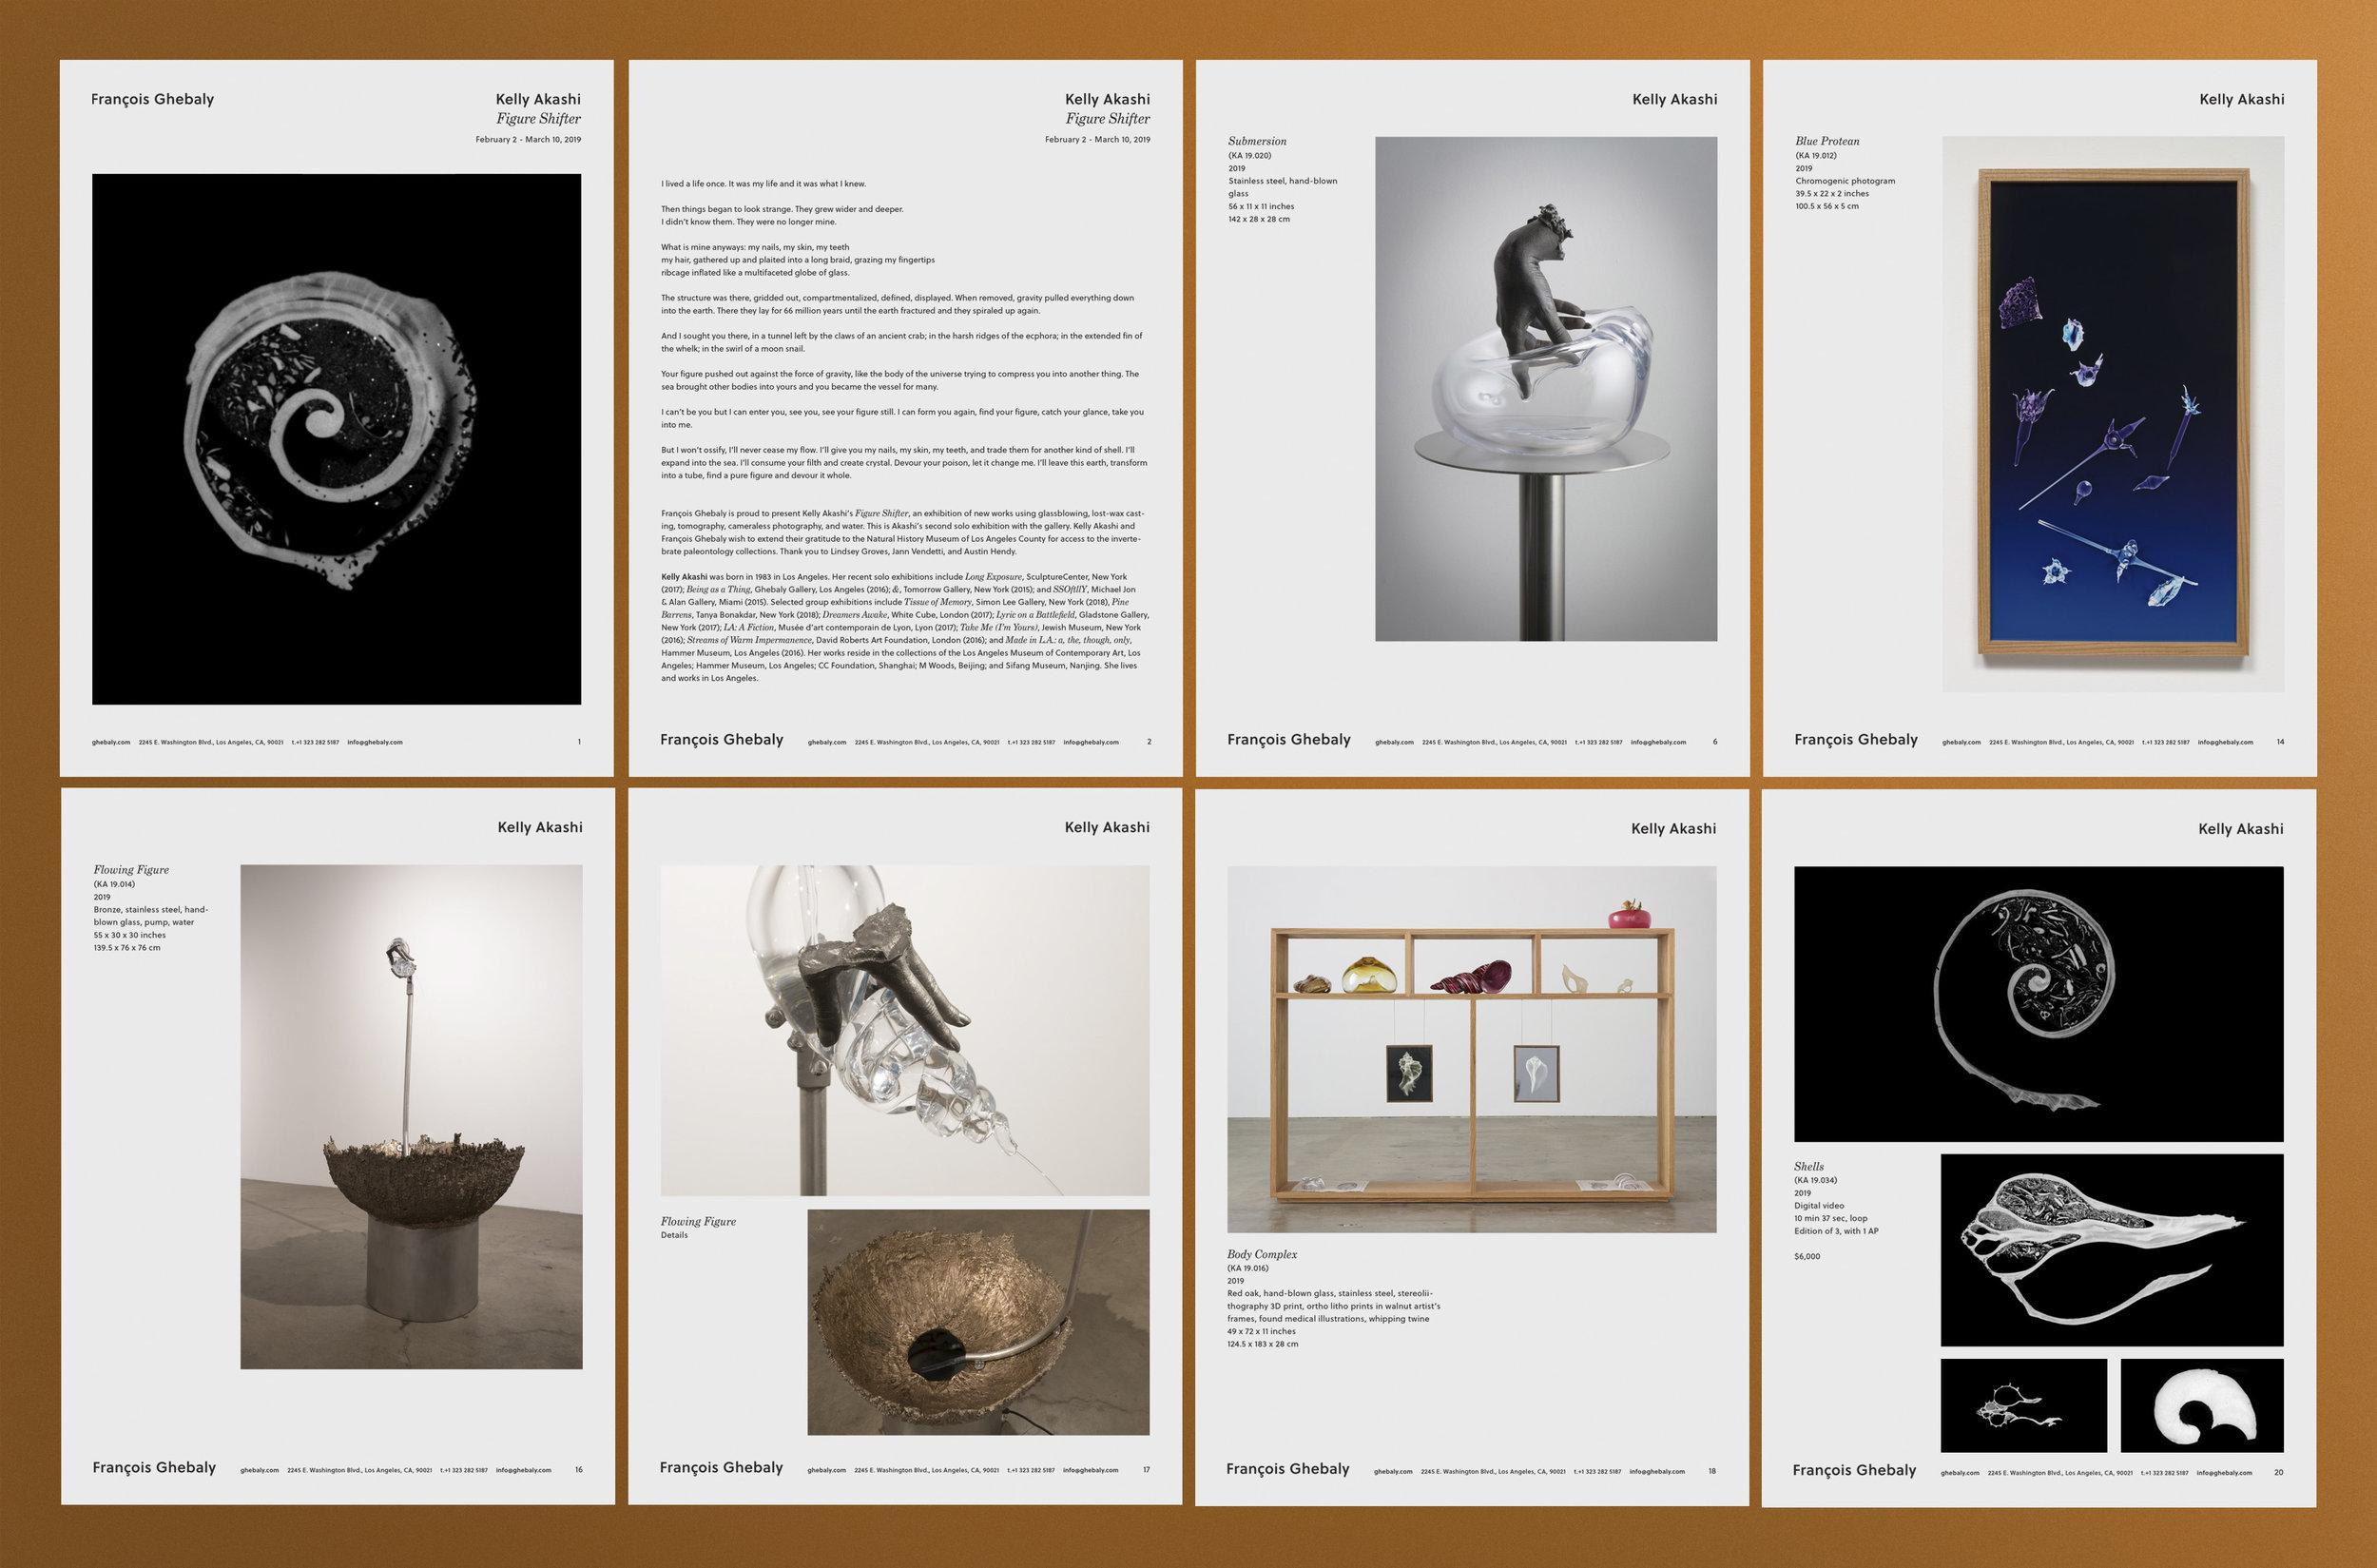 Francois-Ghebaly-Letterhead-with-available-works.jpg